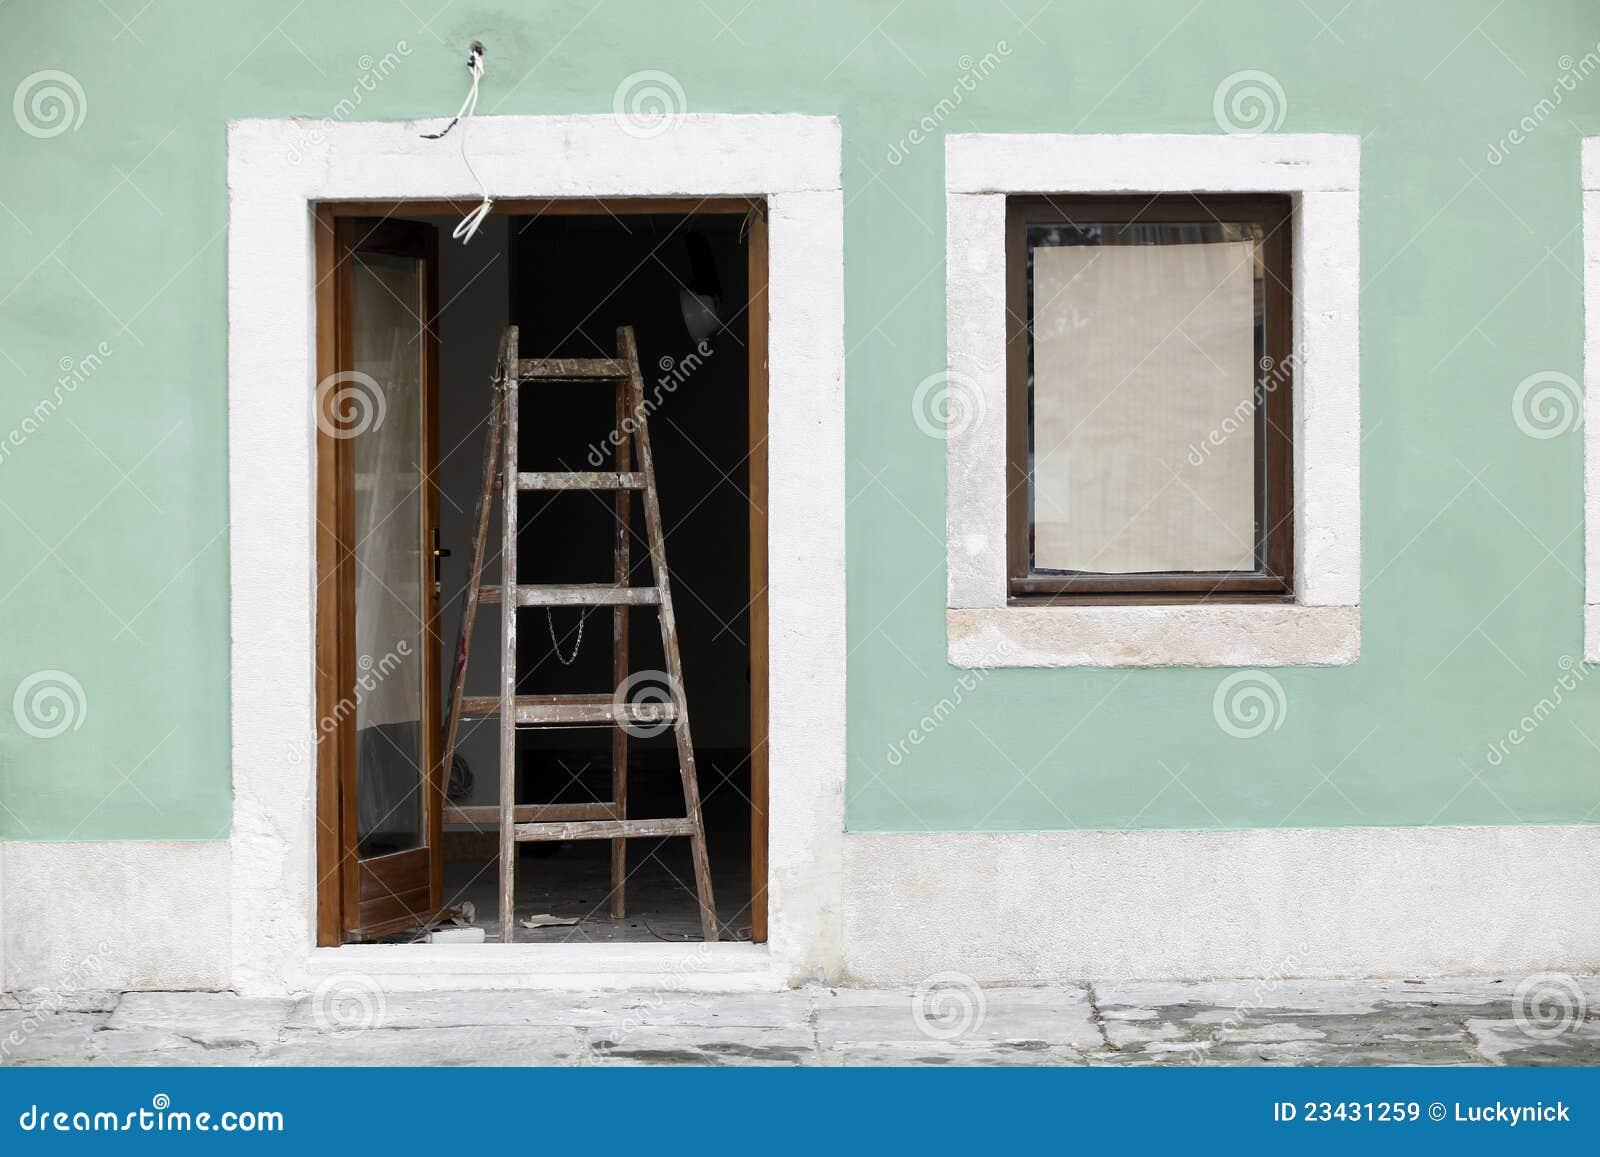 Fachada da casa da pintura imagens de stock royalty free - Pinturas para fachadas de casas ...